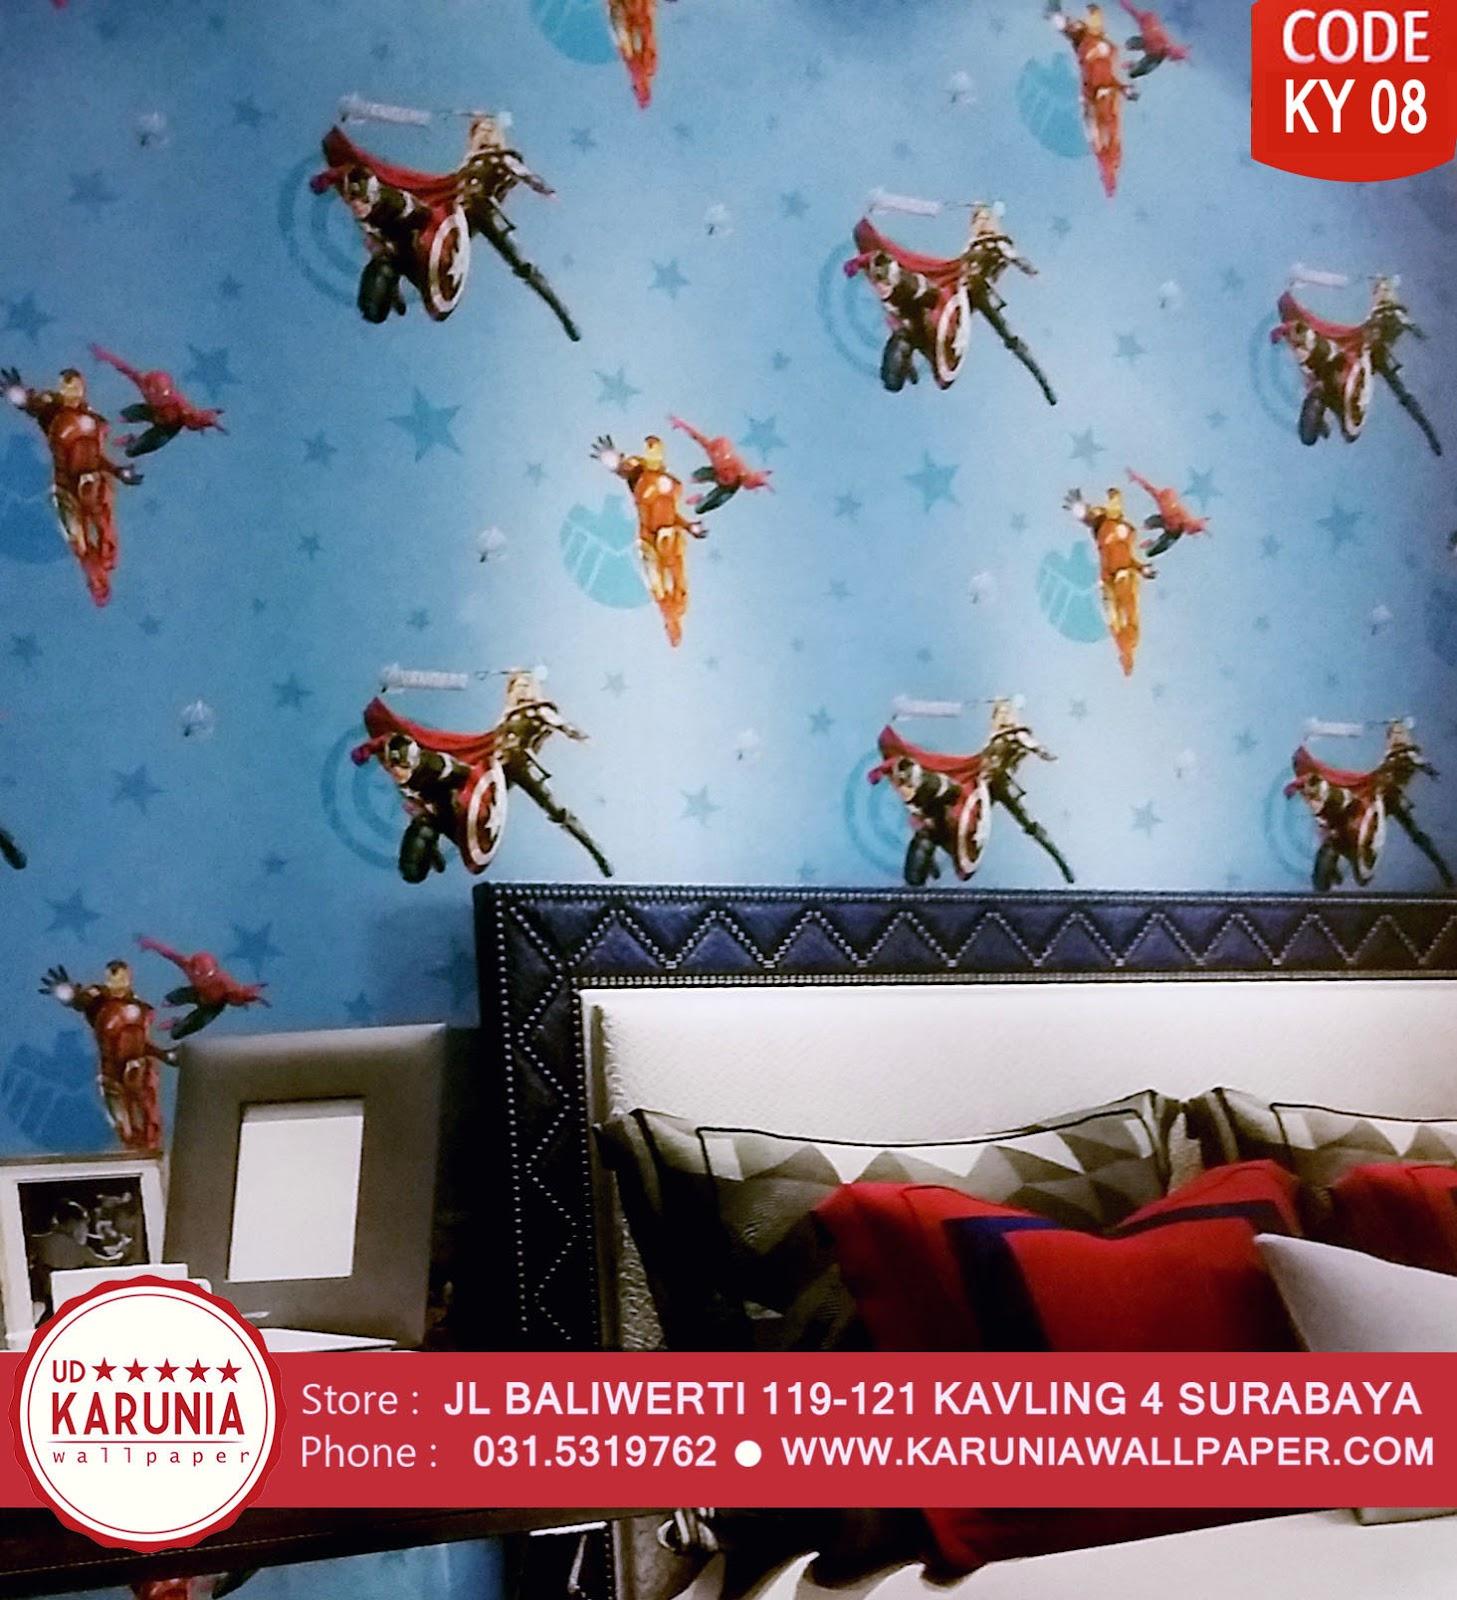 jual wallpaper dinding the avengers superhero anak -anak karuniawallpaper